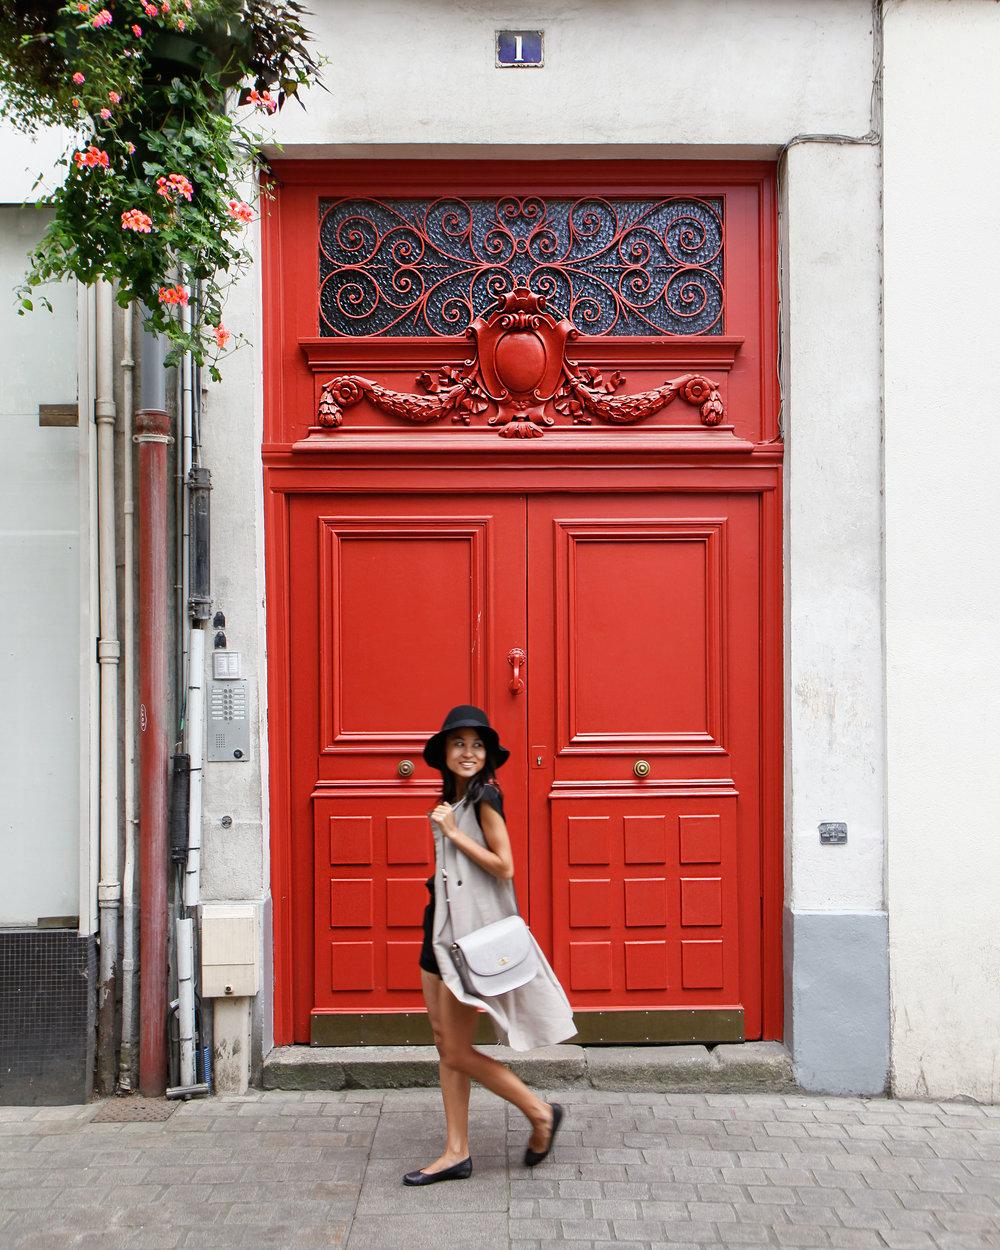 Nantes_RedDoor.jpg